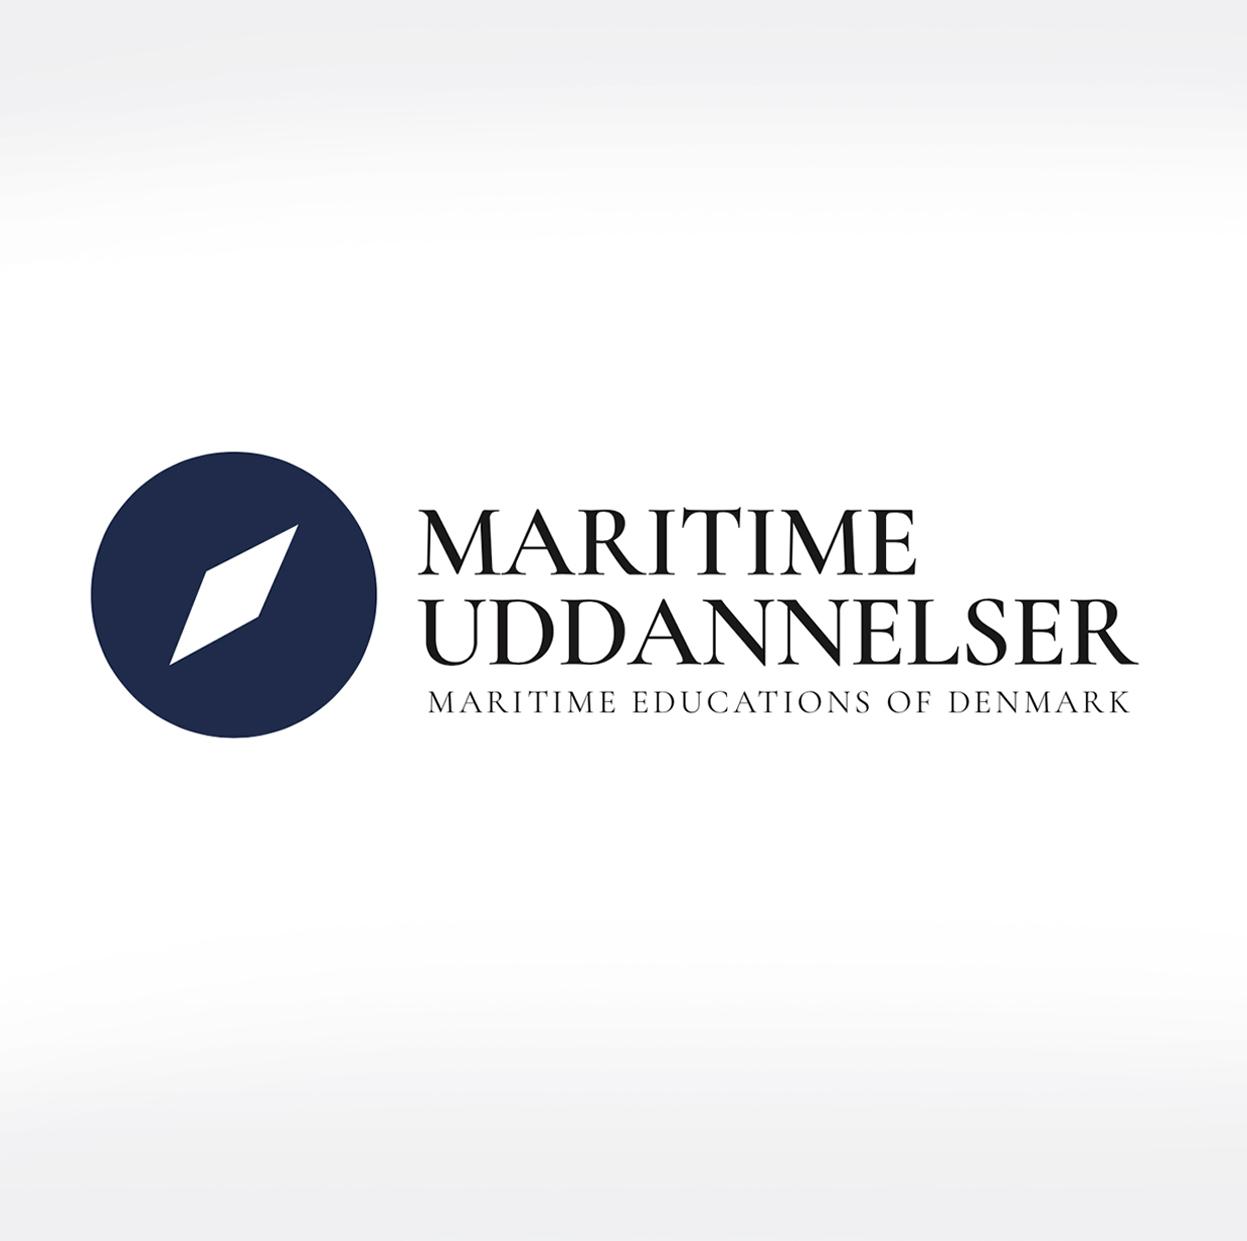 maritime uddannelser logo malene kyed light